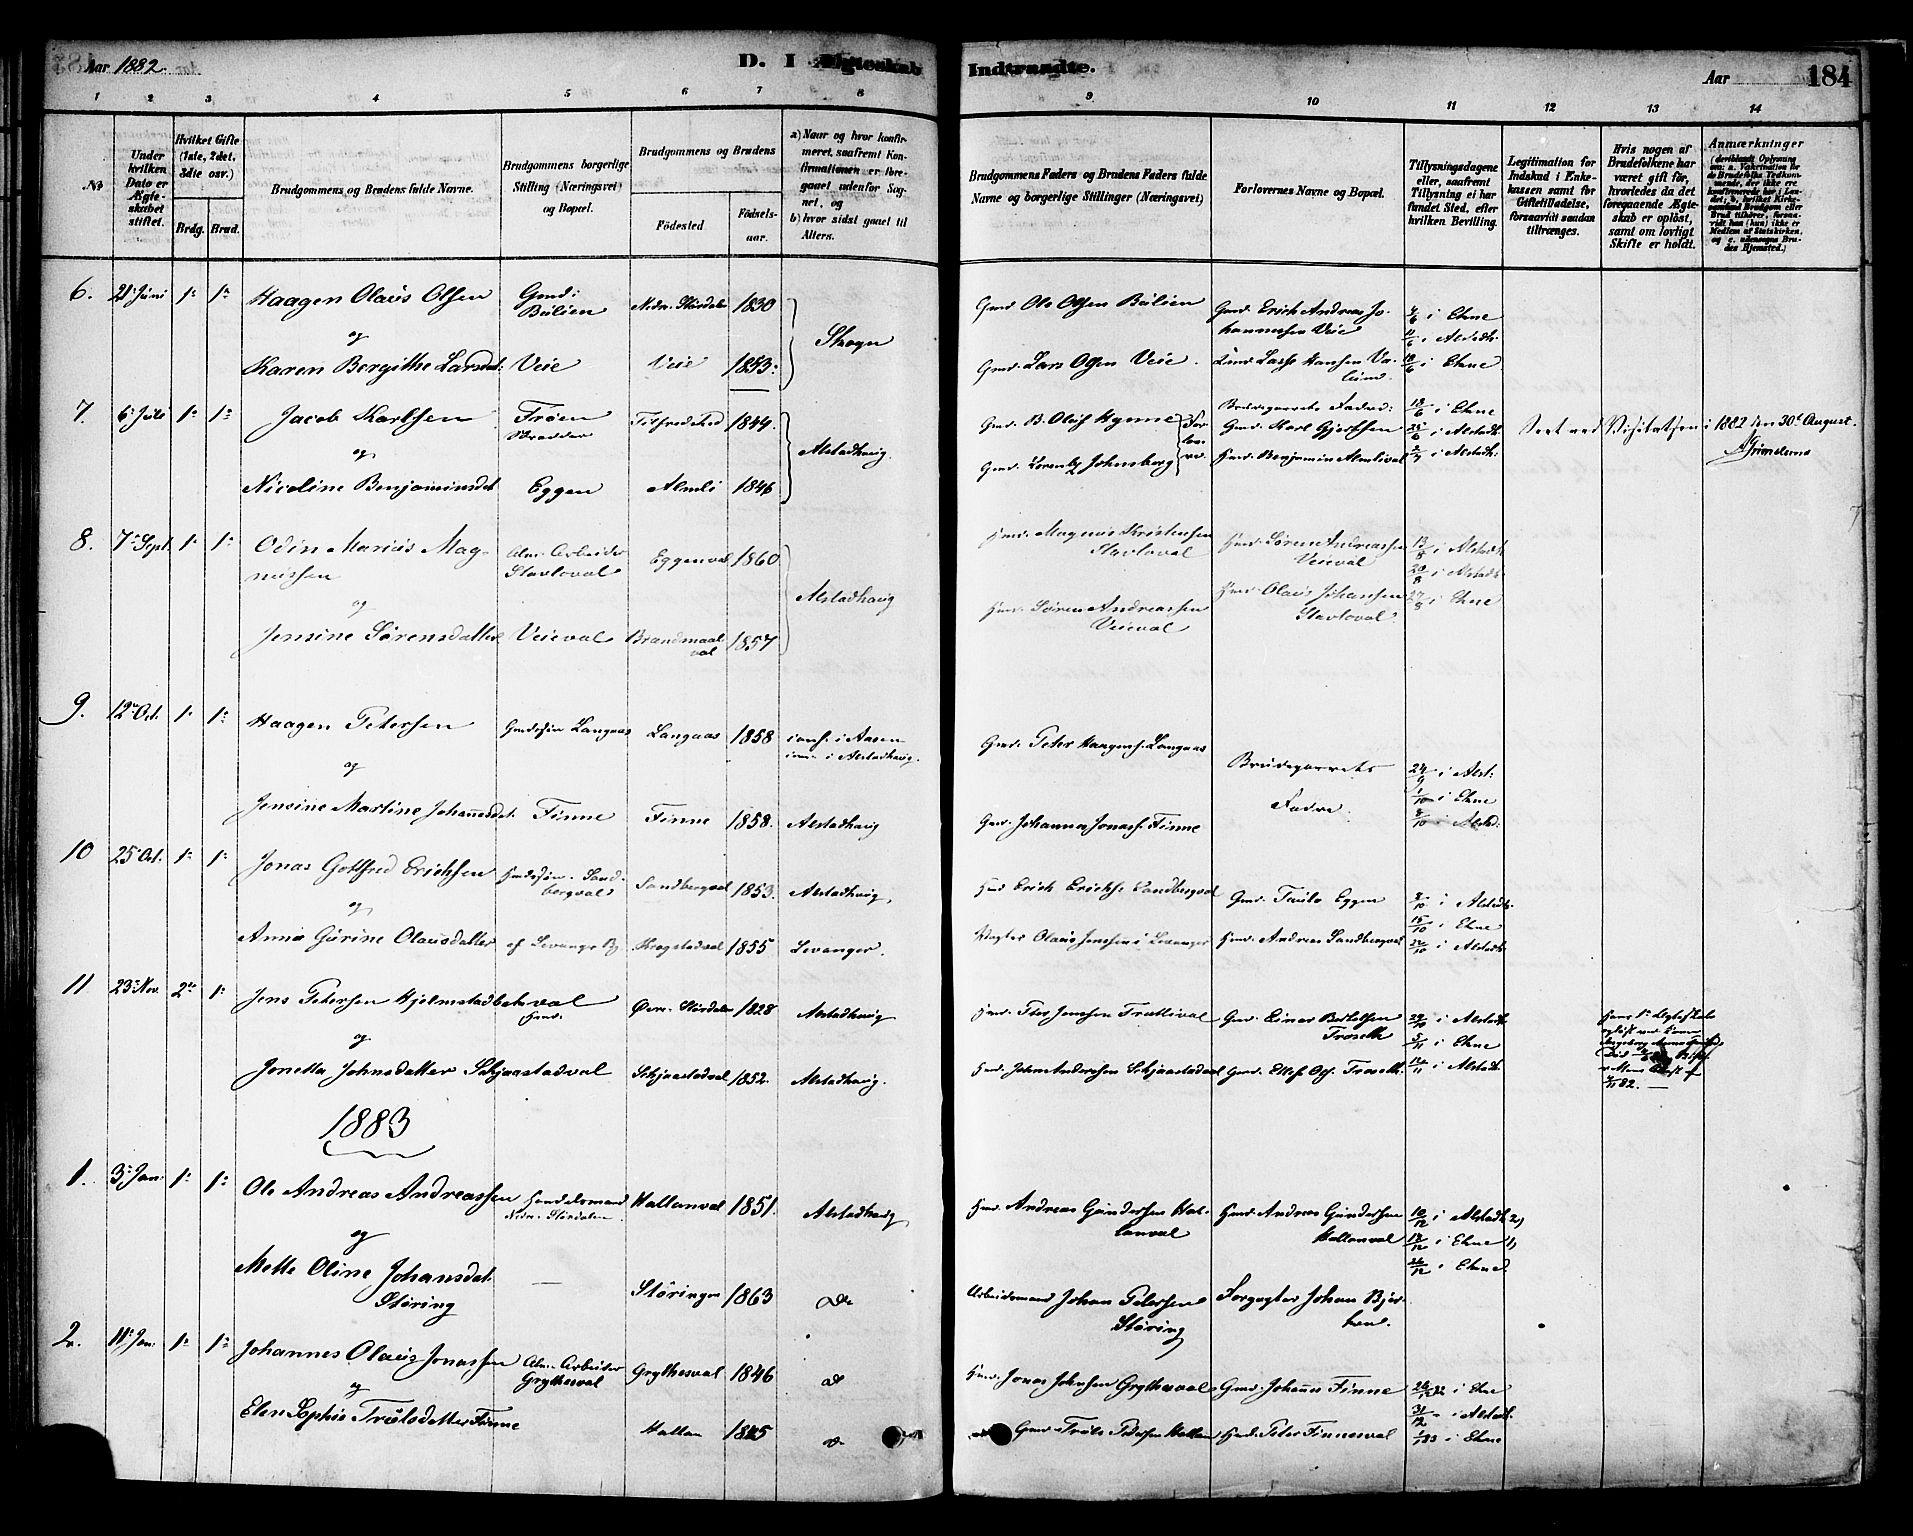 SAT, Ministerialprotokoller, klokkerbøker og fødselsregistre - Nord-Trøndelag, 717/L0159: Ministerialbok nr. 717A09, 1878-1898, s. 184